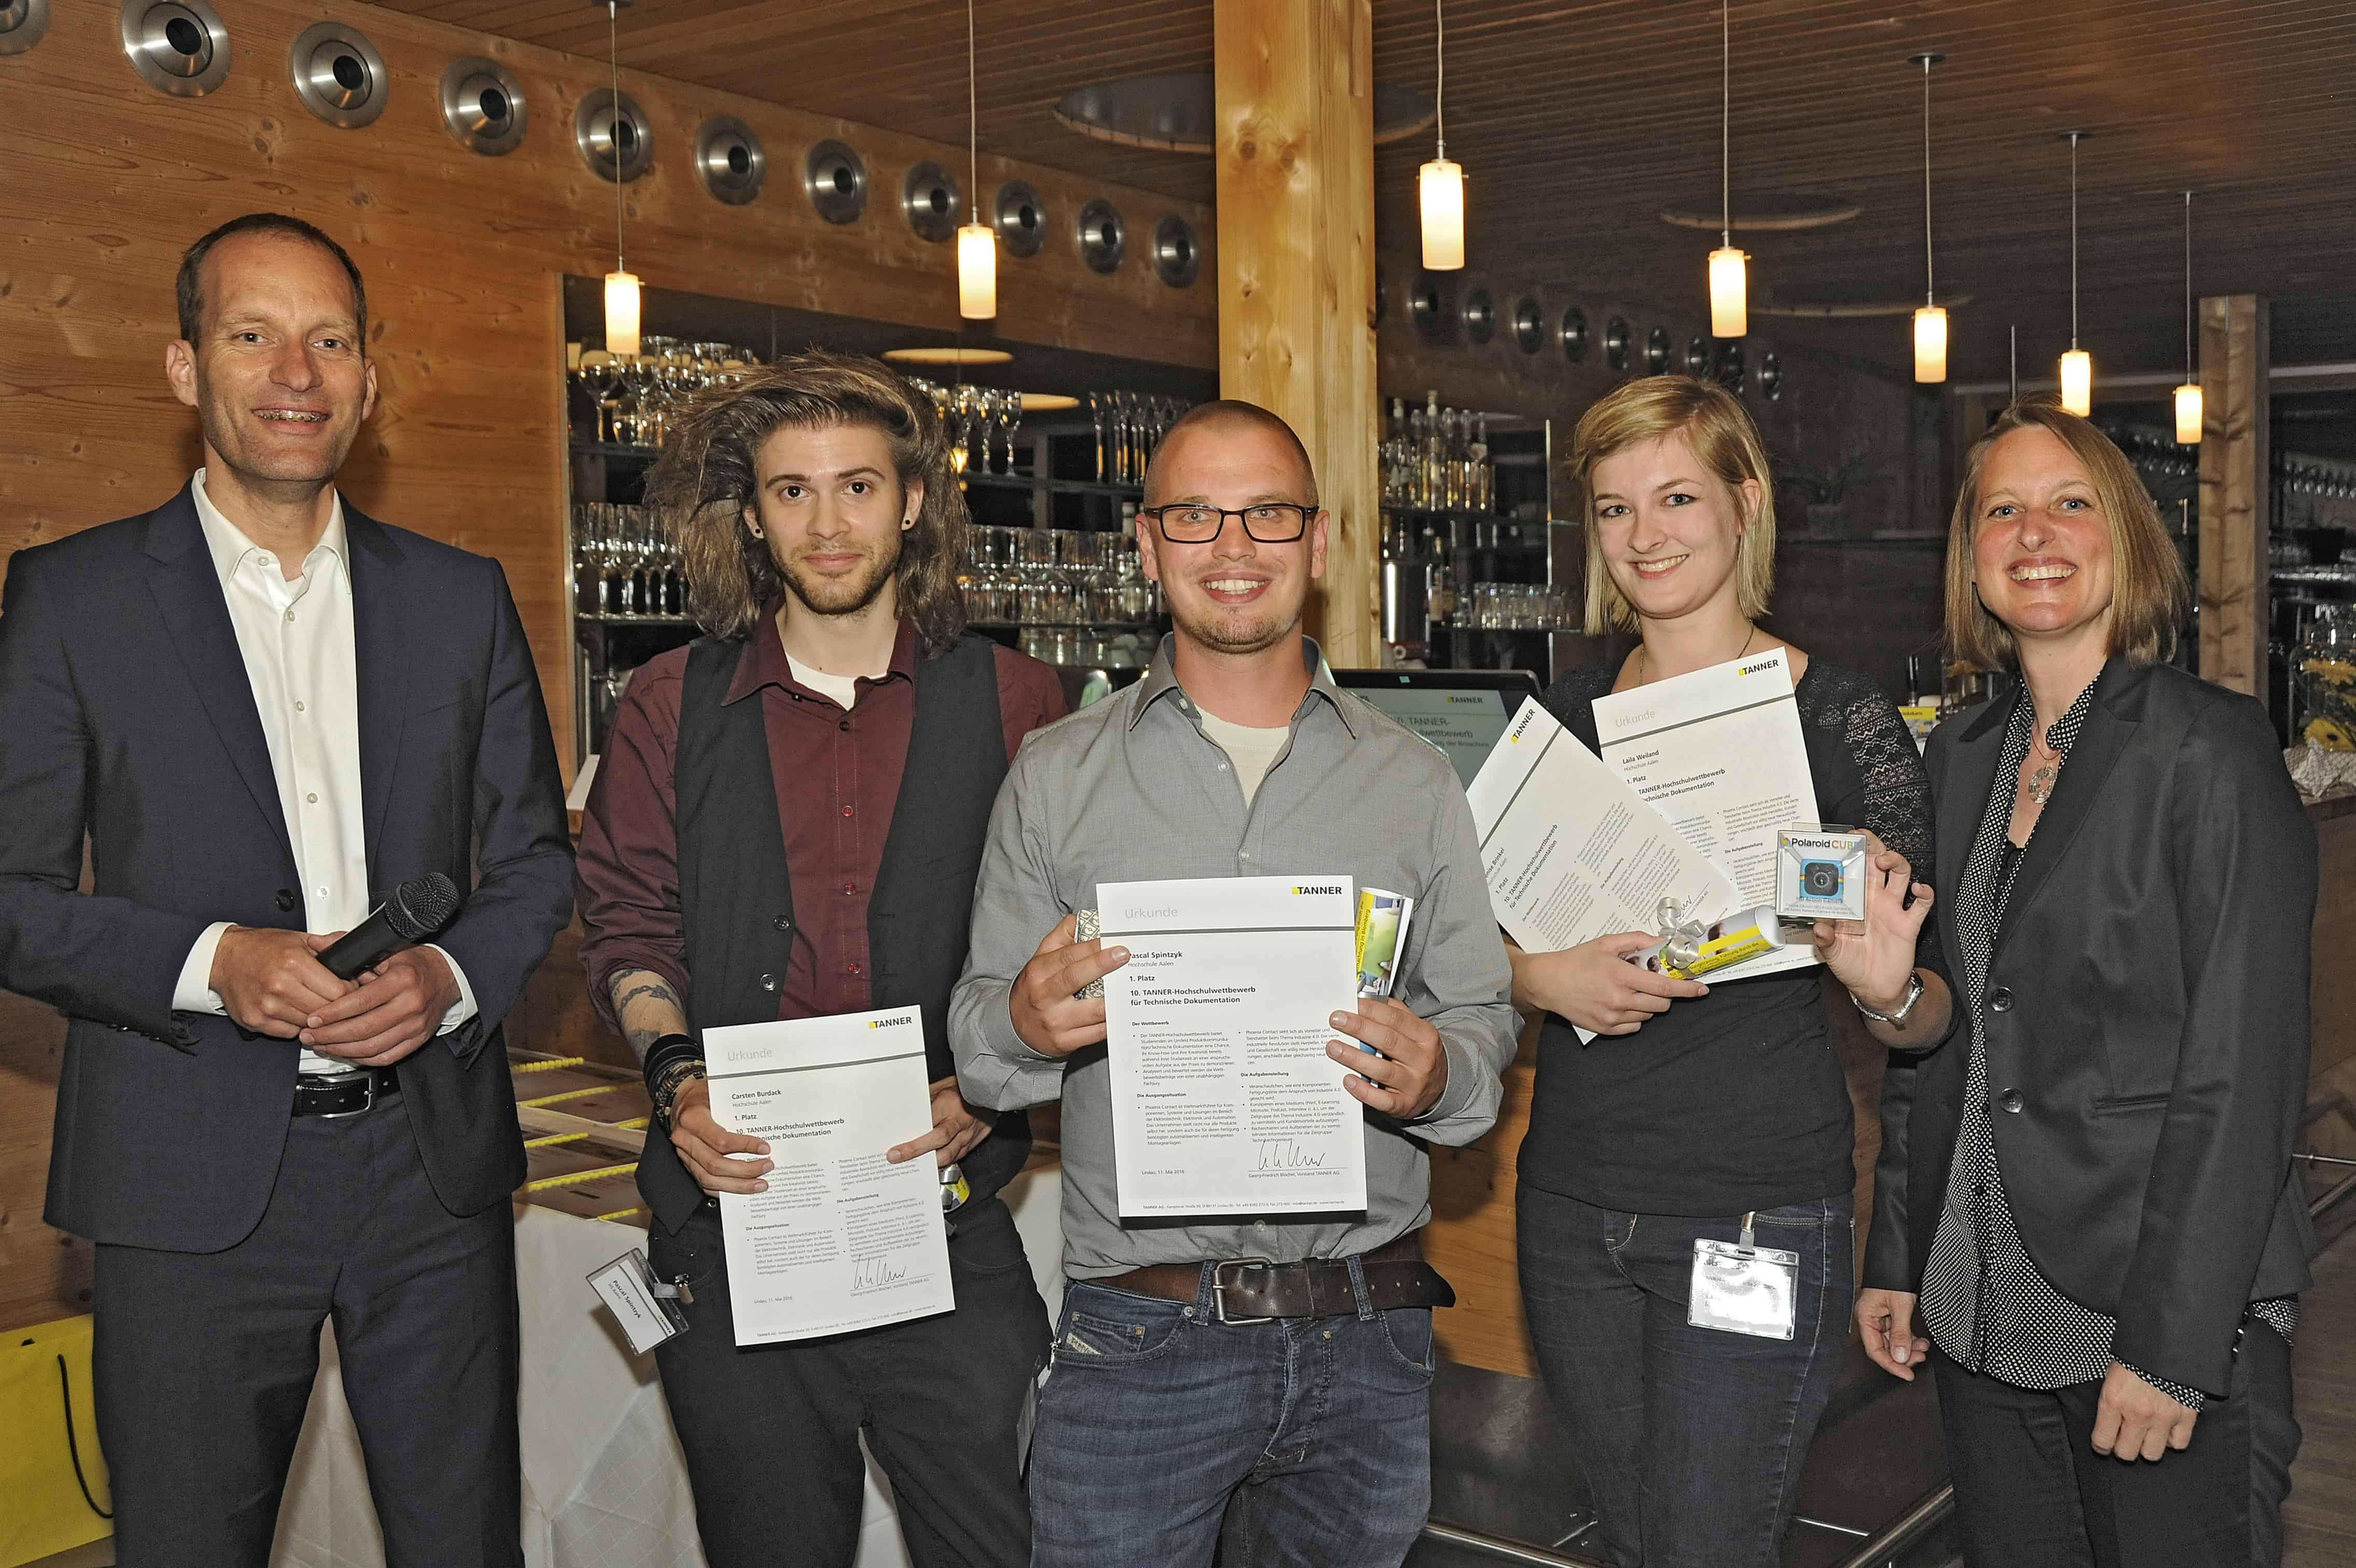 Team Weiland vom 10. TANNER-Hochschulwettbewerb